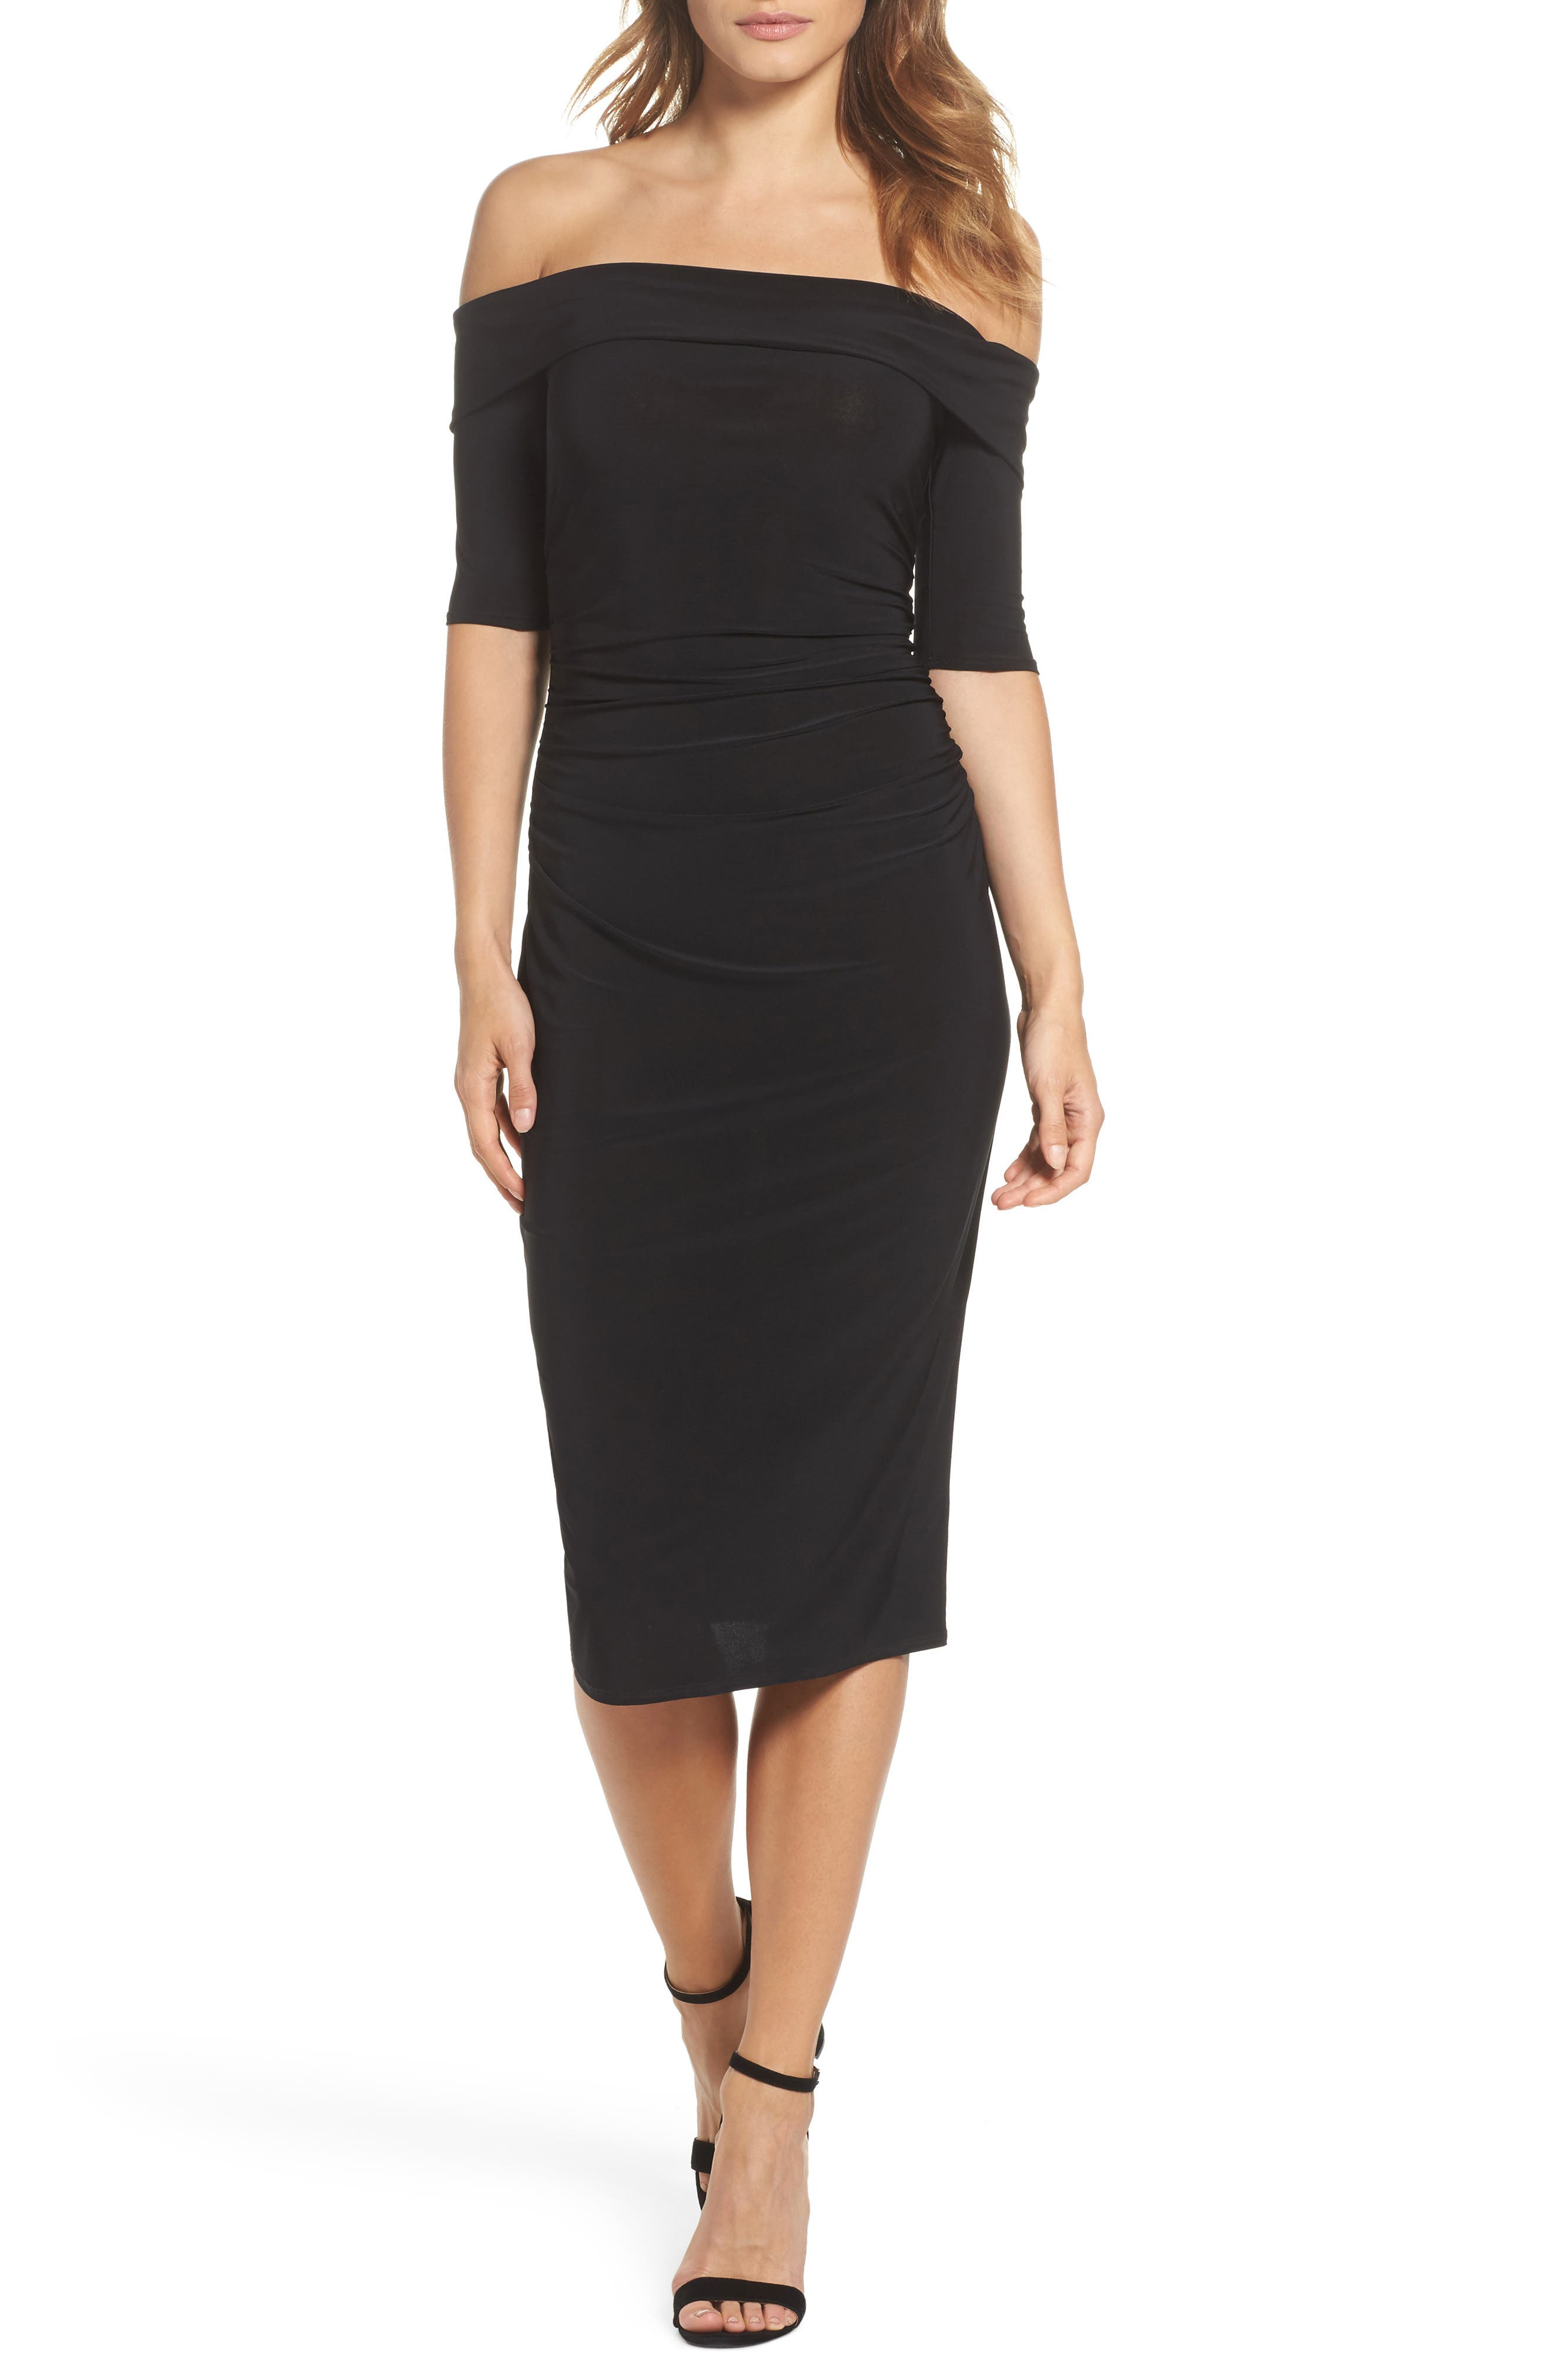 Jacey Off the Shoulder Sheath Dress,                         Main,                         color, Black